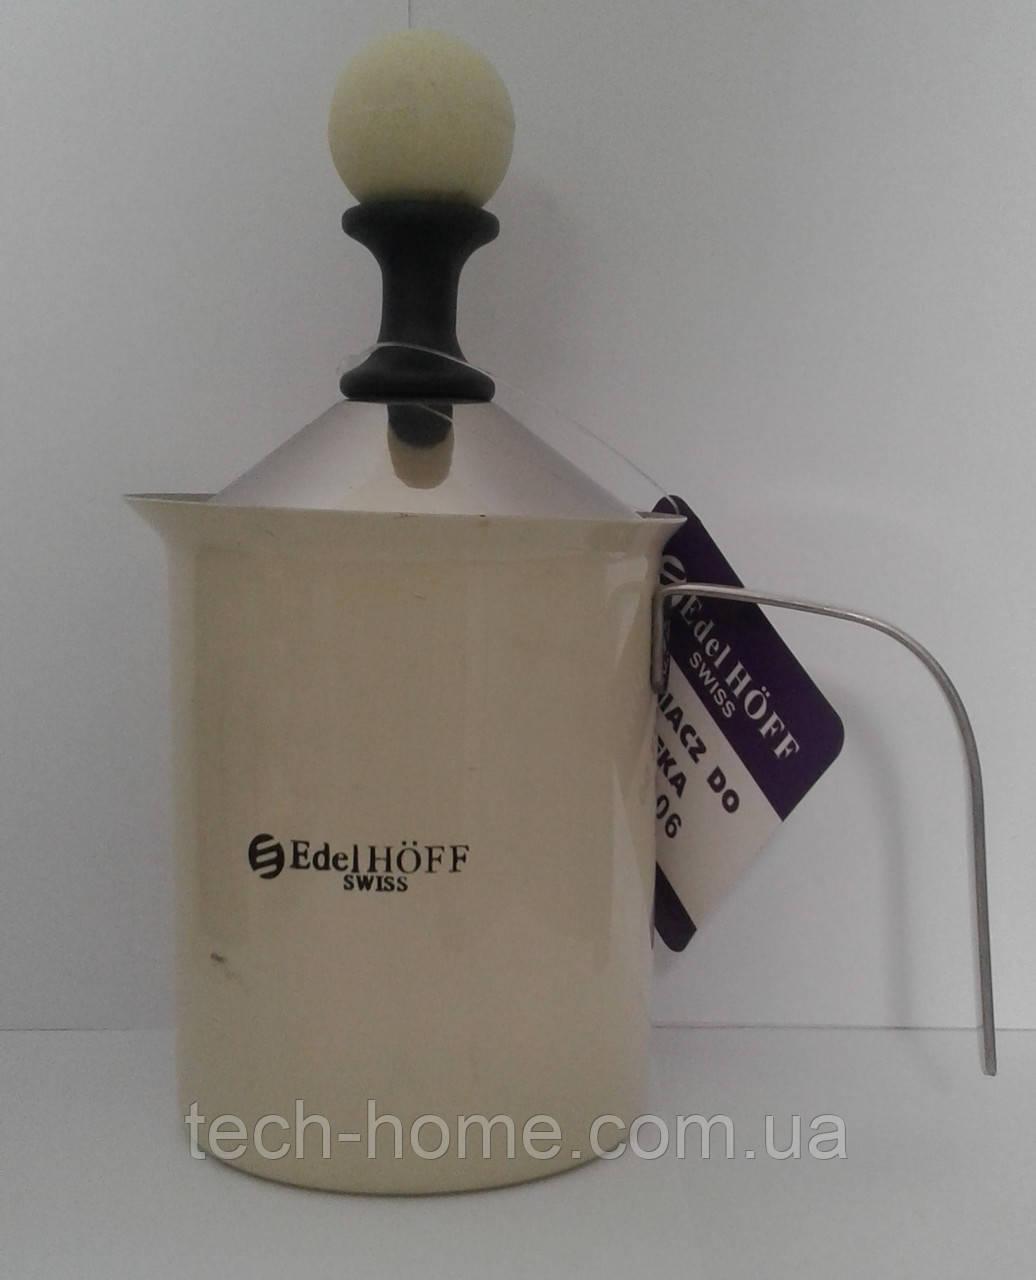 Вспениватель для молока Edel Hoff EH-6906 (beige) 400ml